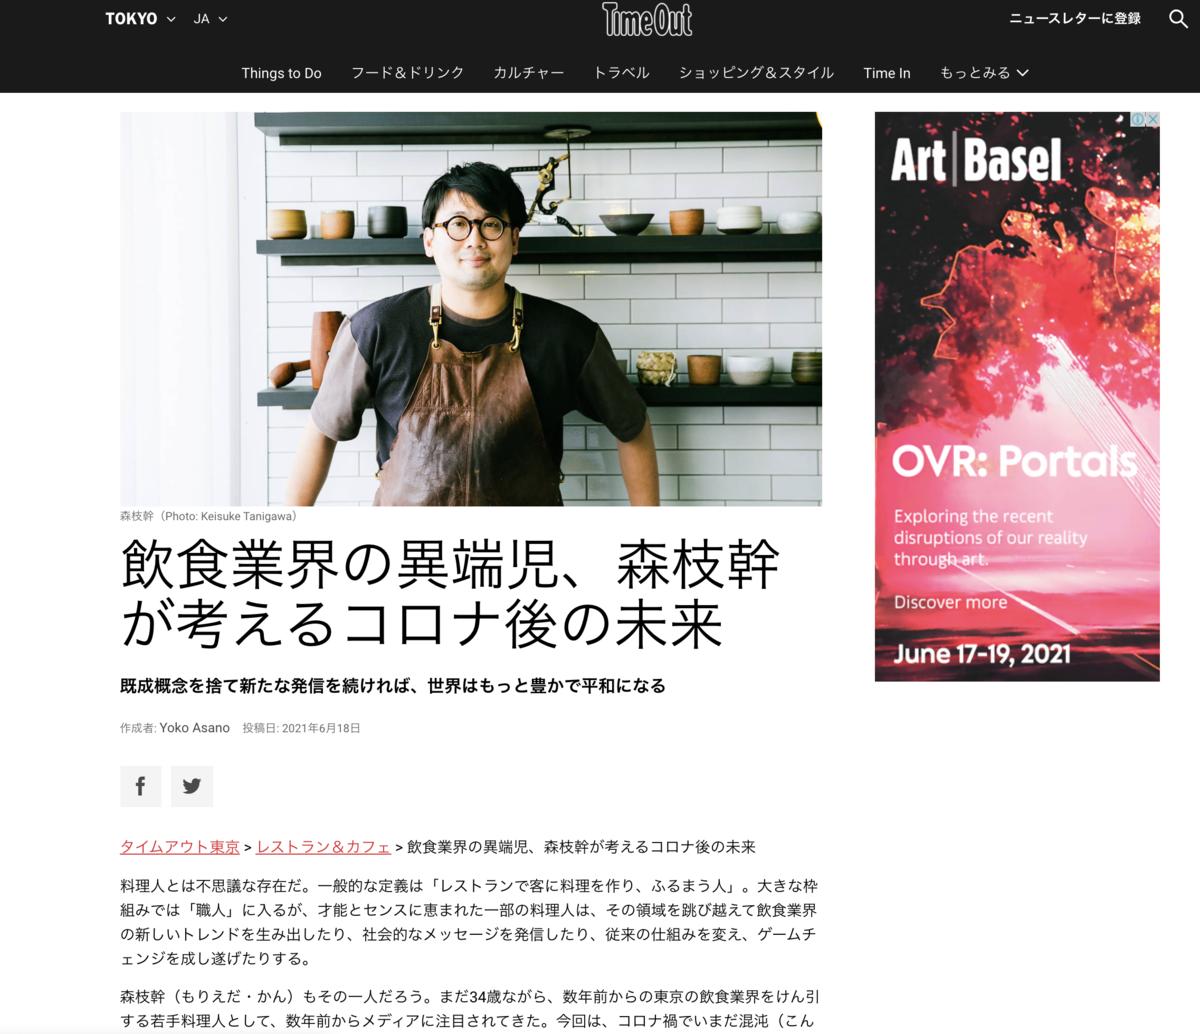 タイムアウト東京 森枝幹シェフインタビュー記事の画像